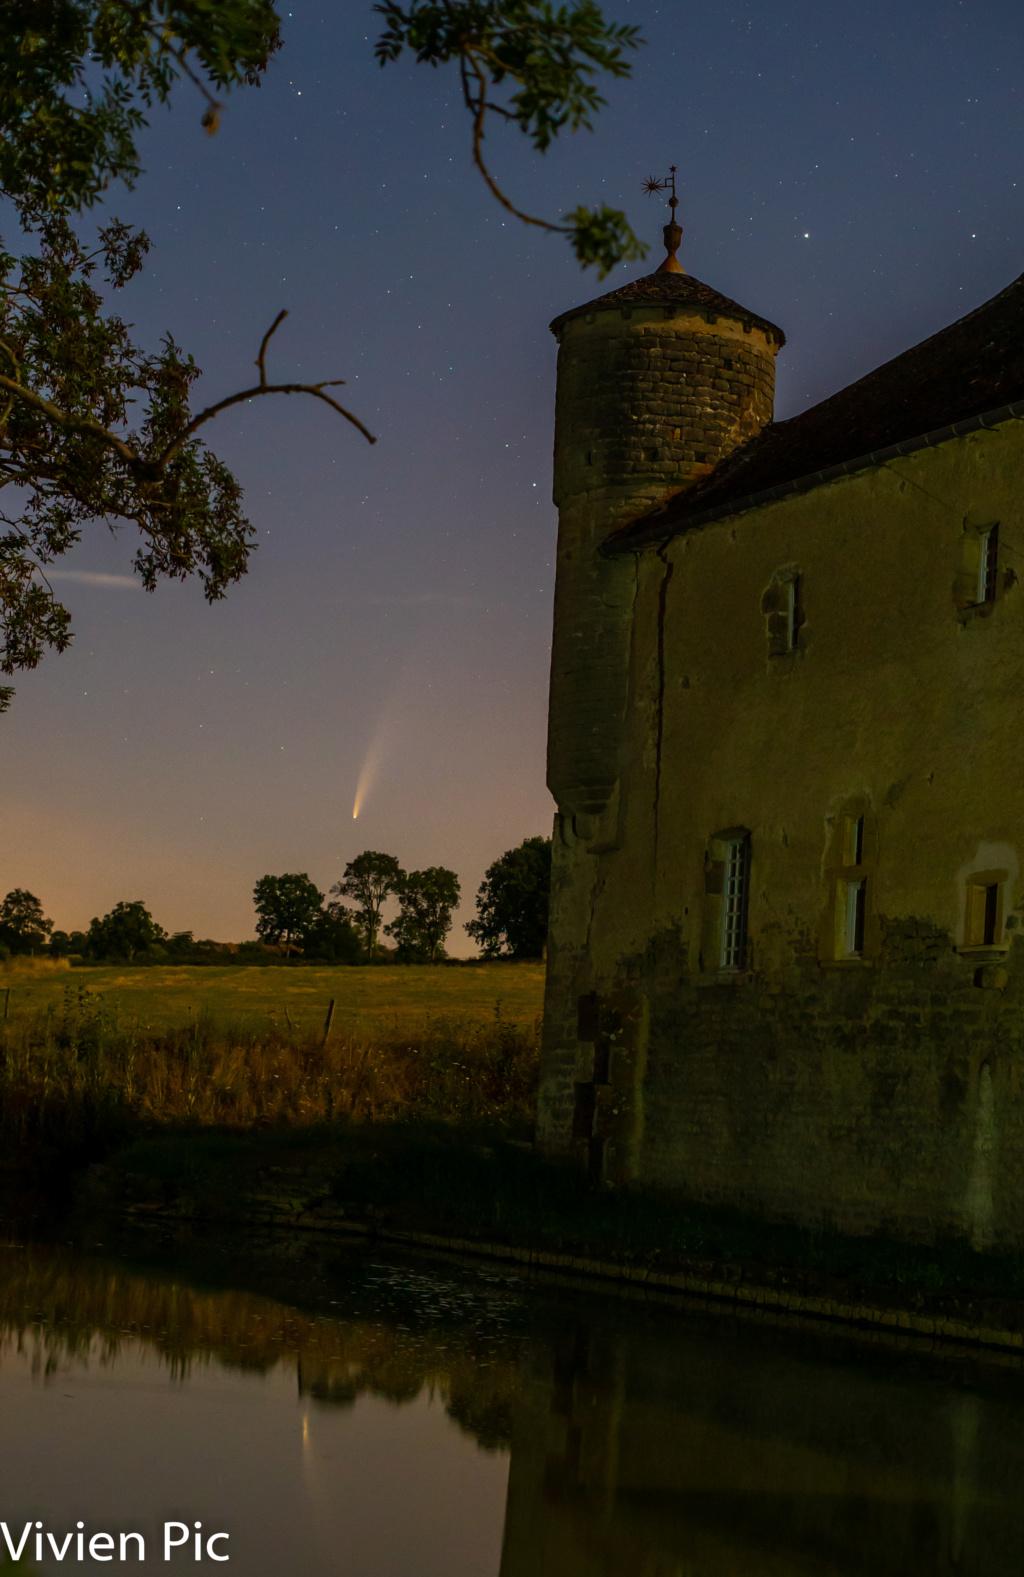 comète à l'horizon - Page 2 Neowis10